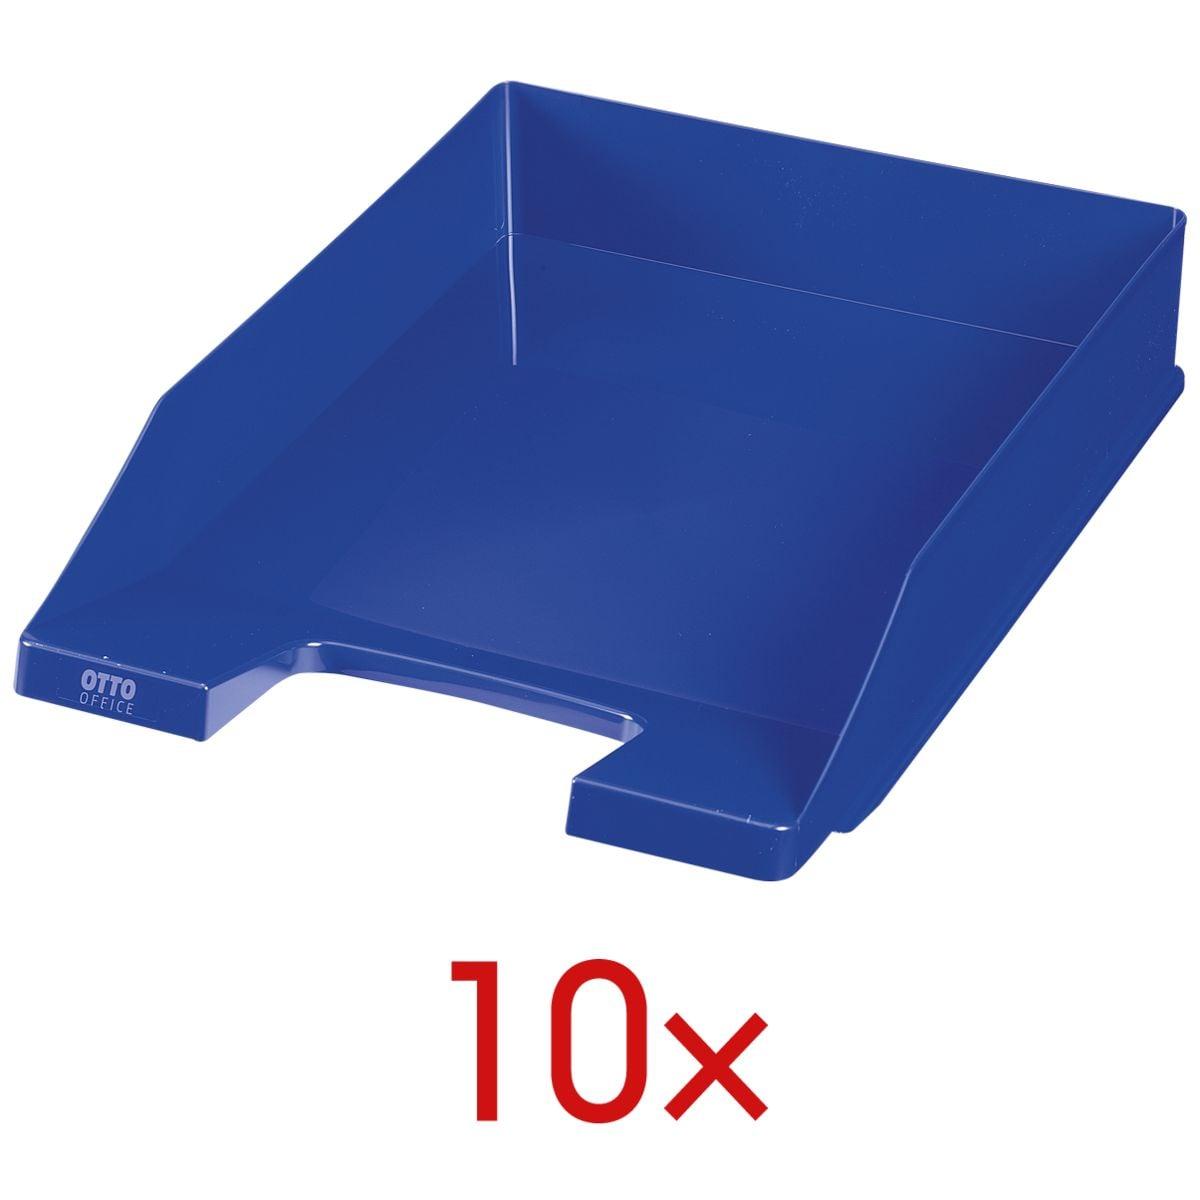 10x OTTO Office Briefablage Economy, C4 Polystyrol, stapelbar bis 20 Stück